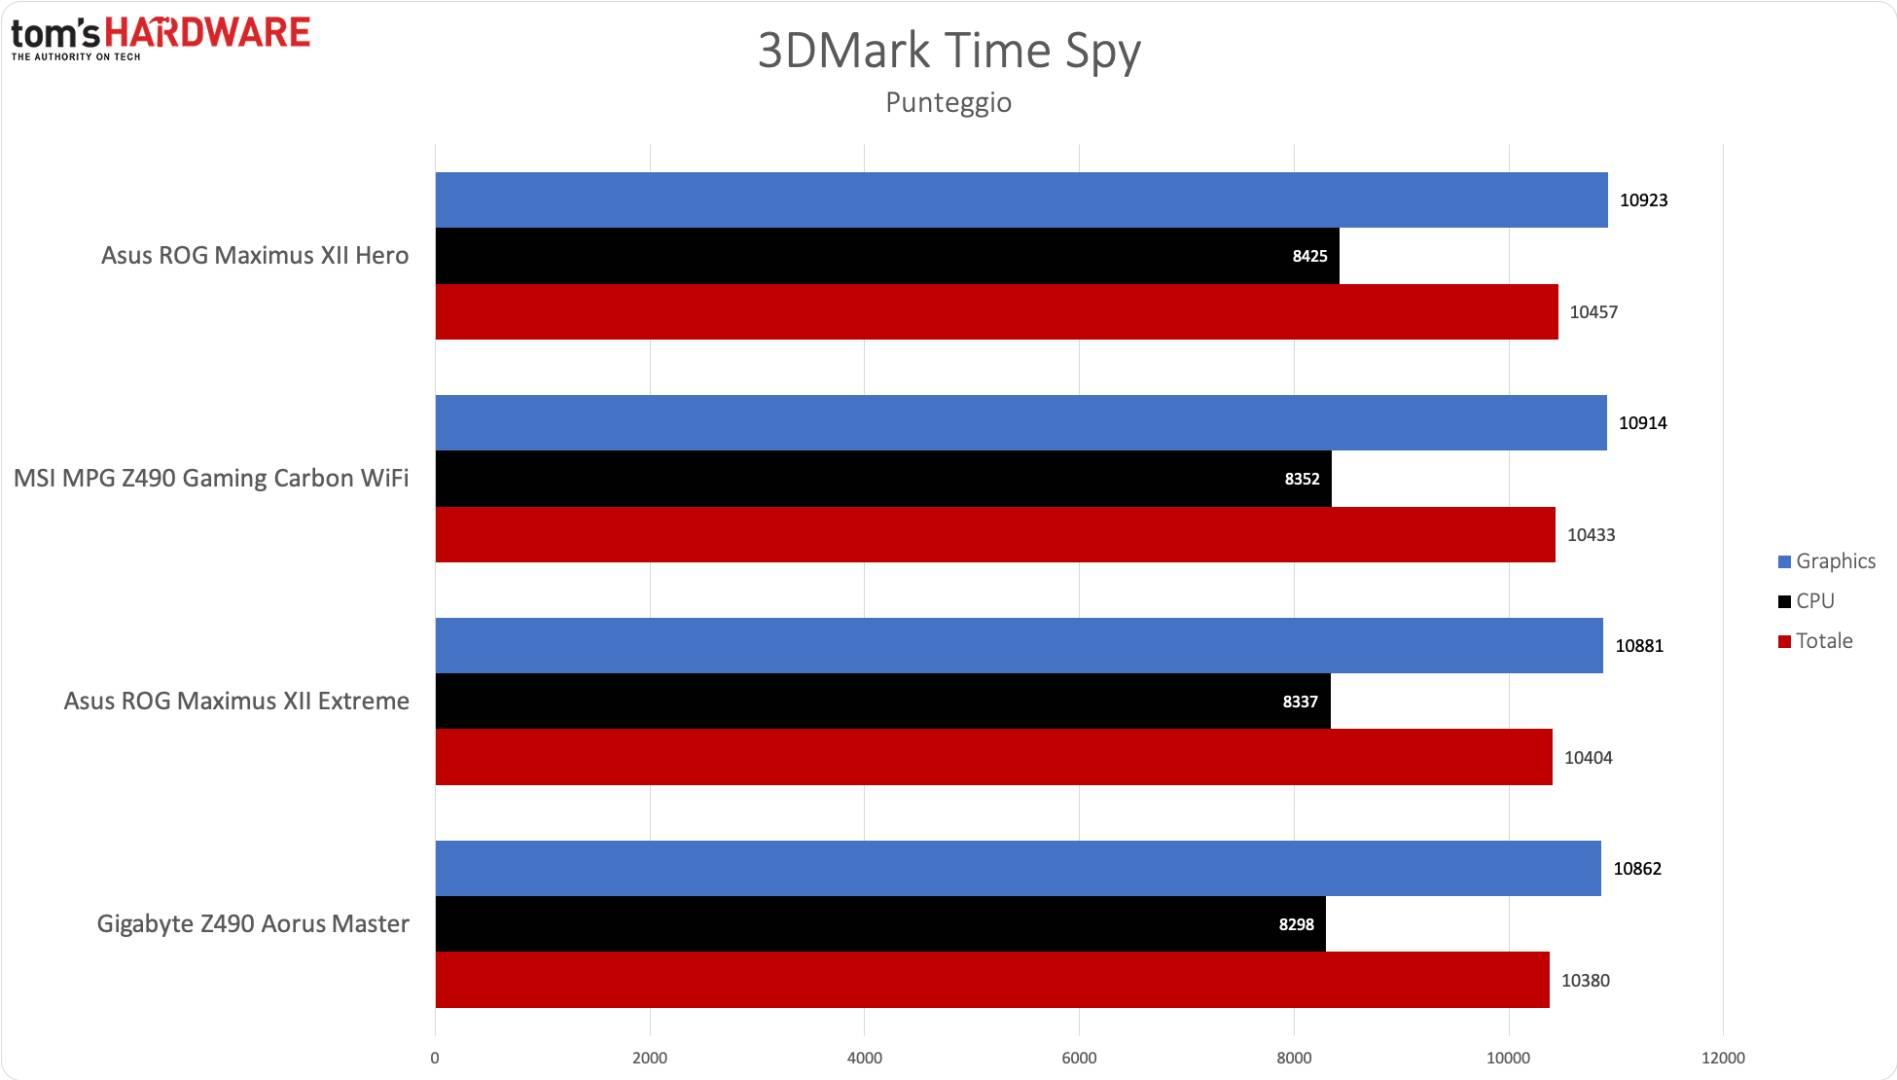 MSI Z490 Gaming Carbon WiFi - 3DM Time Spy